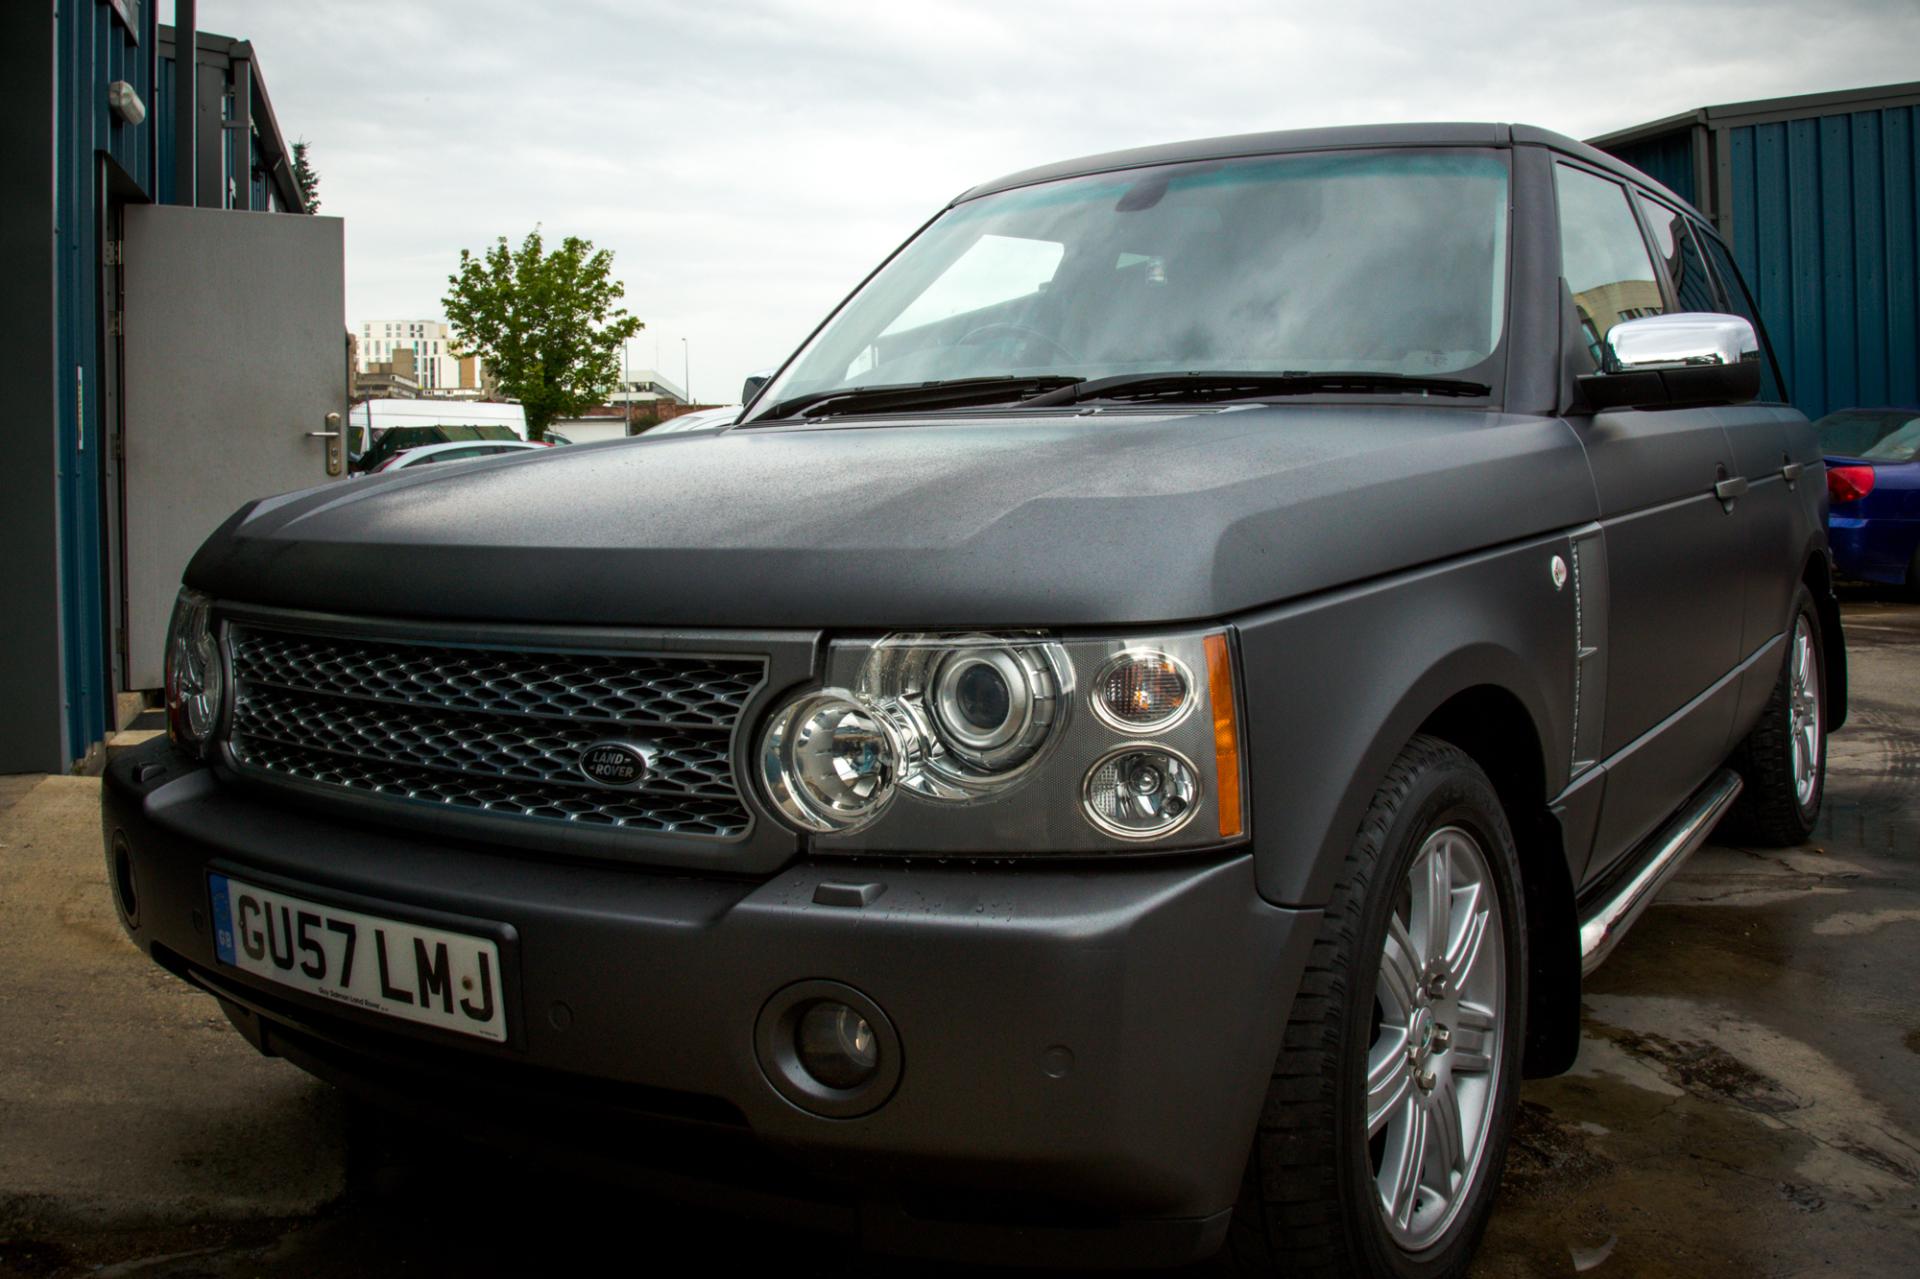 Range Rover Matte dark grey wrap